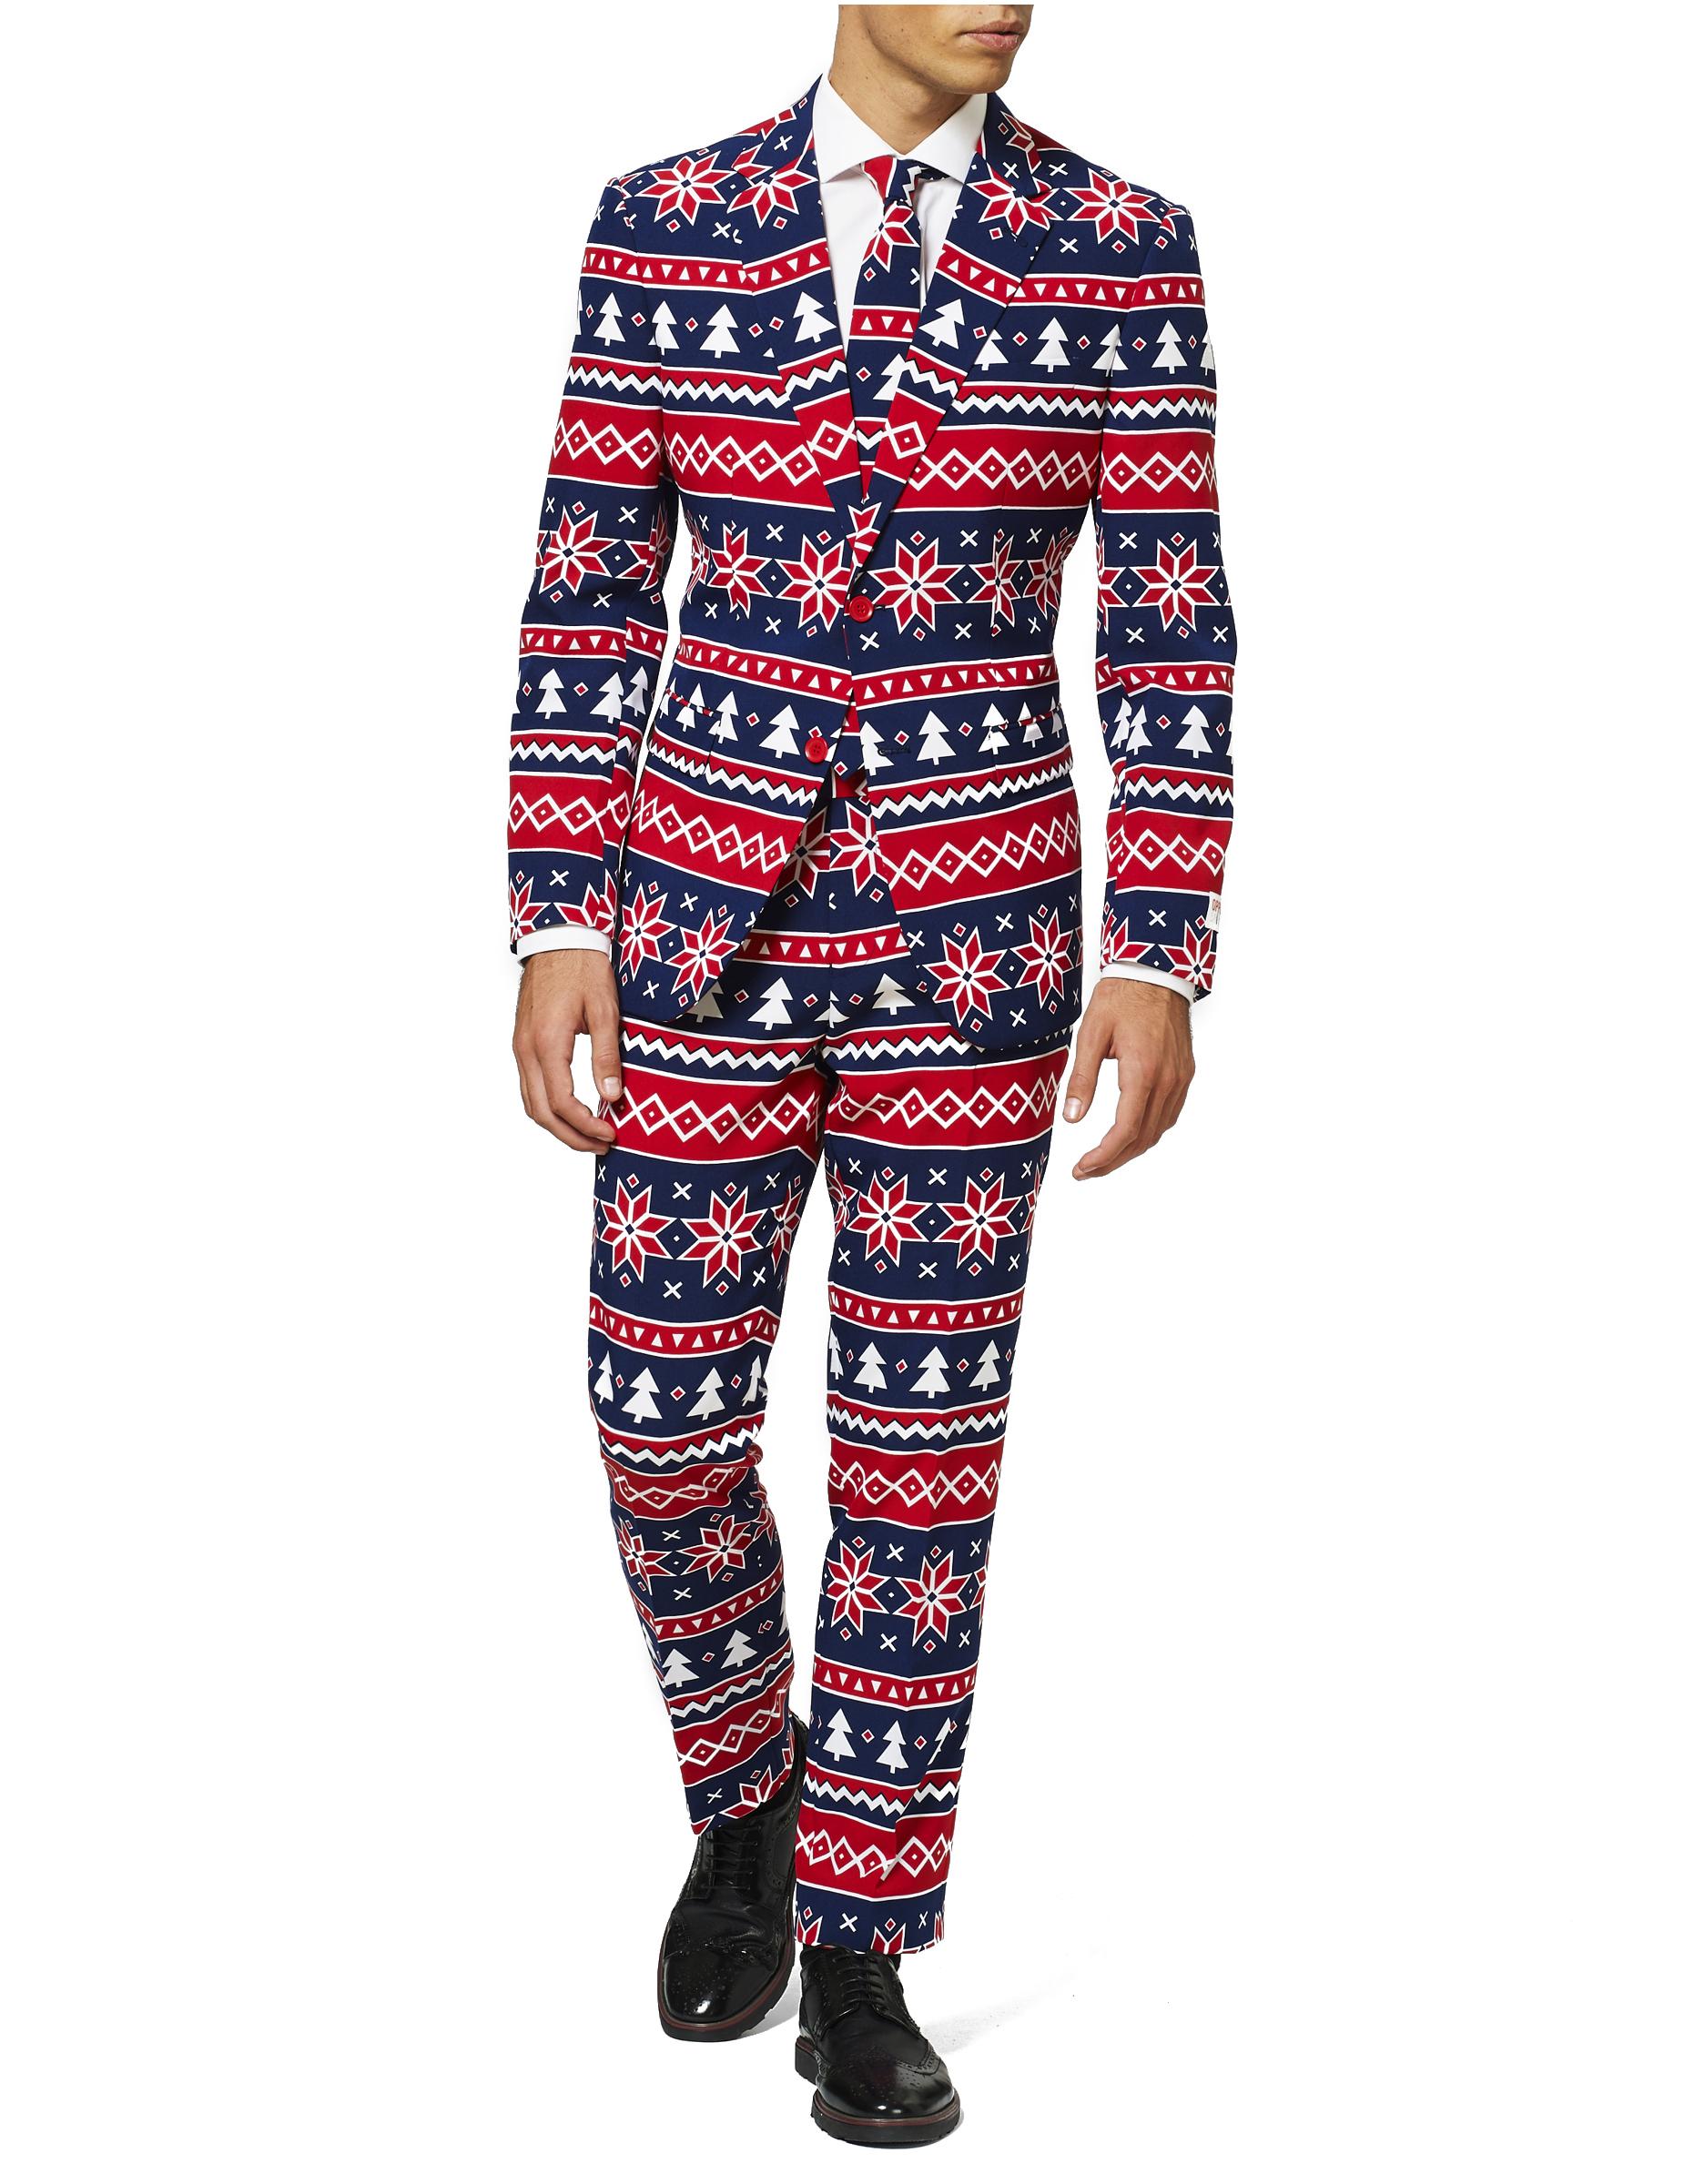 Mr. Nordic-Opposuits festlicher Weihnachtsanzug blau-rot - XL (58) 280793